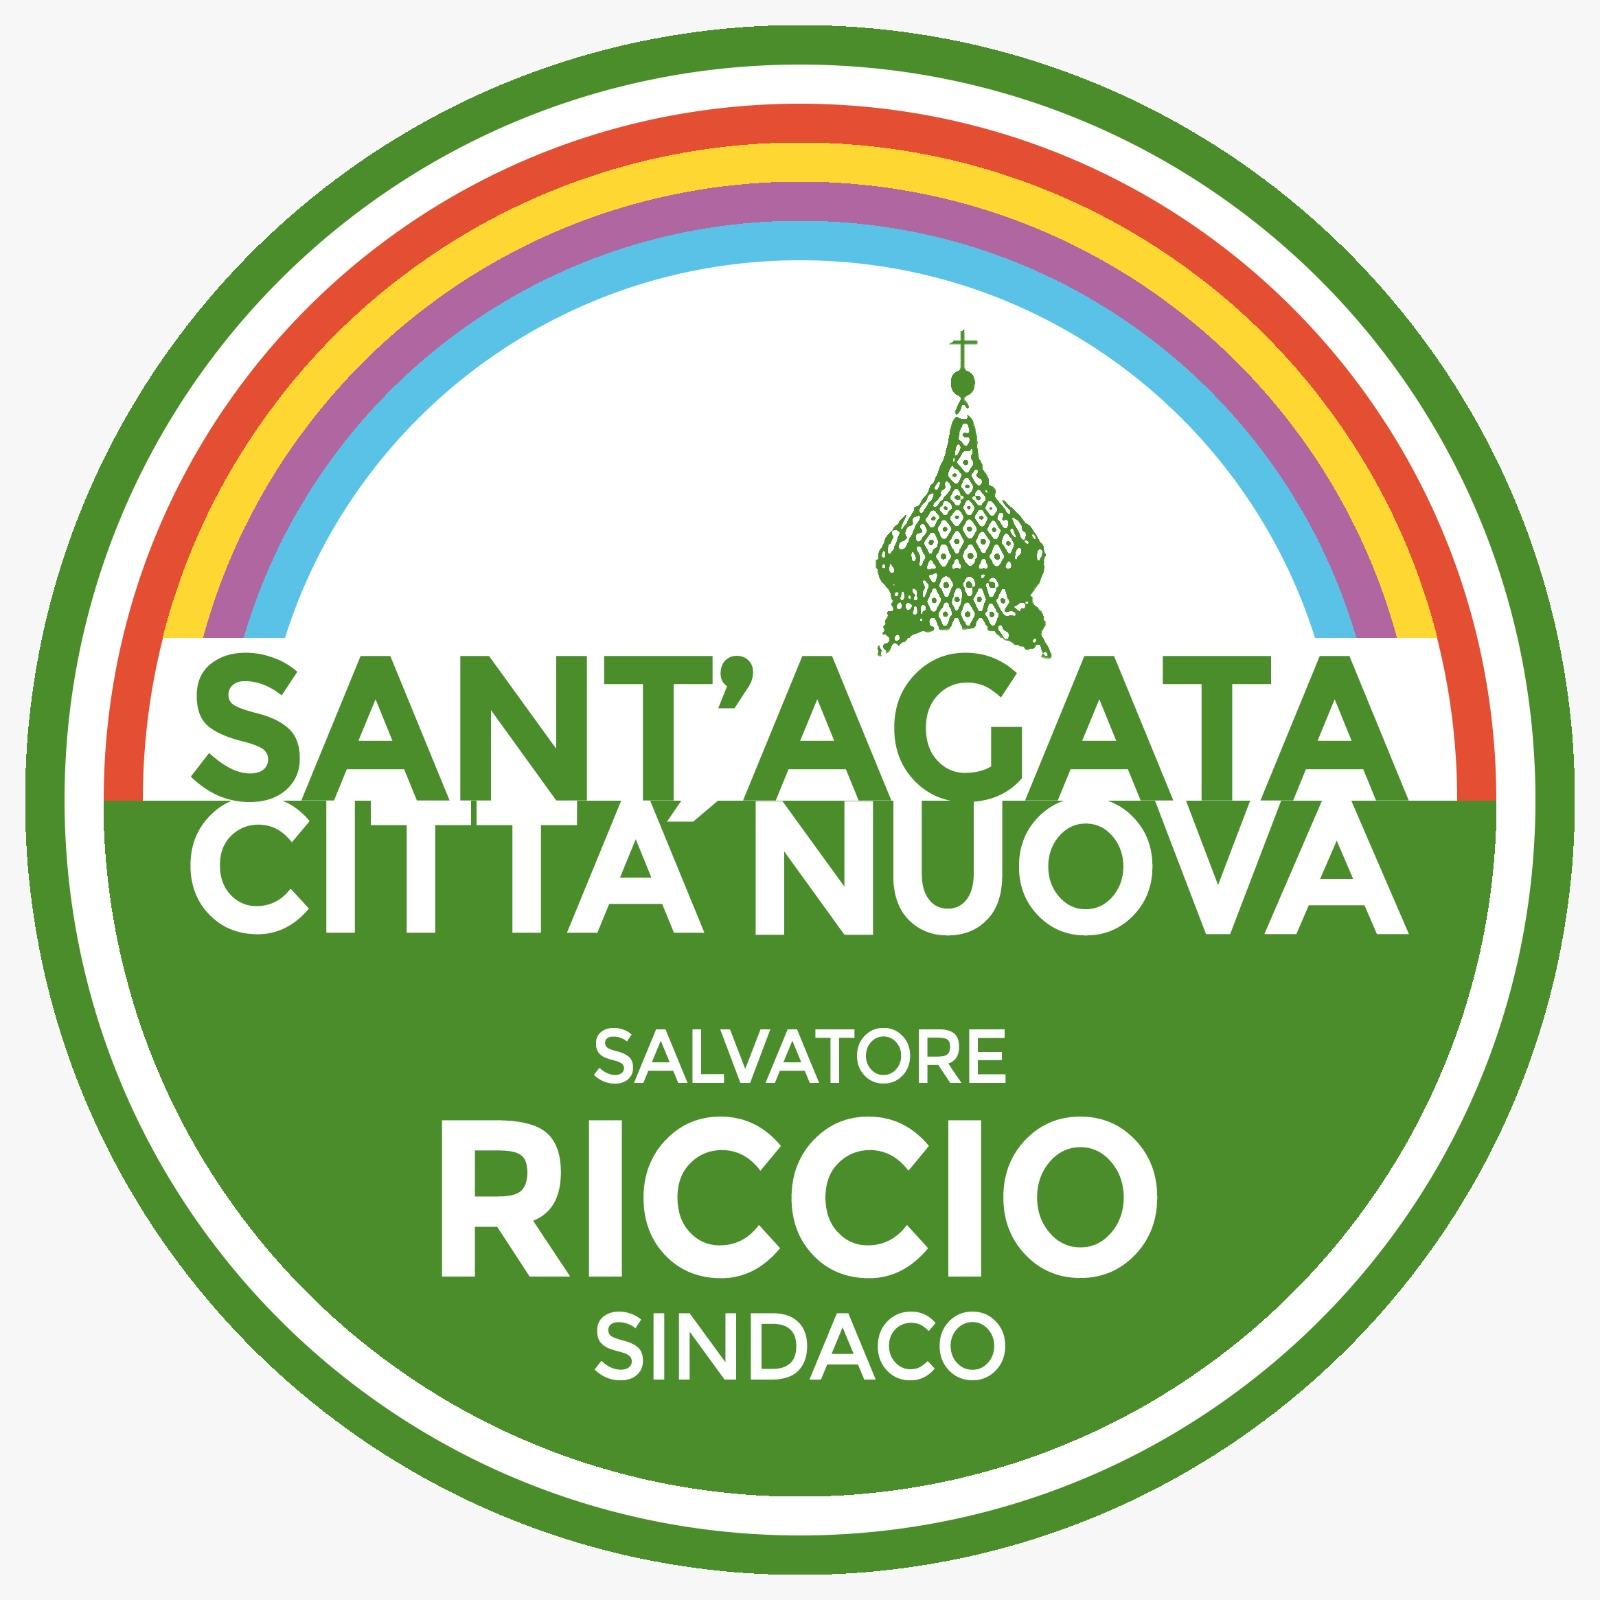 """Sant'Agata, """"Città nuova"""" presenta il simbolo"""